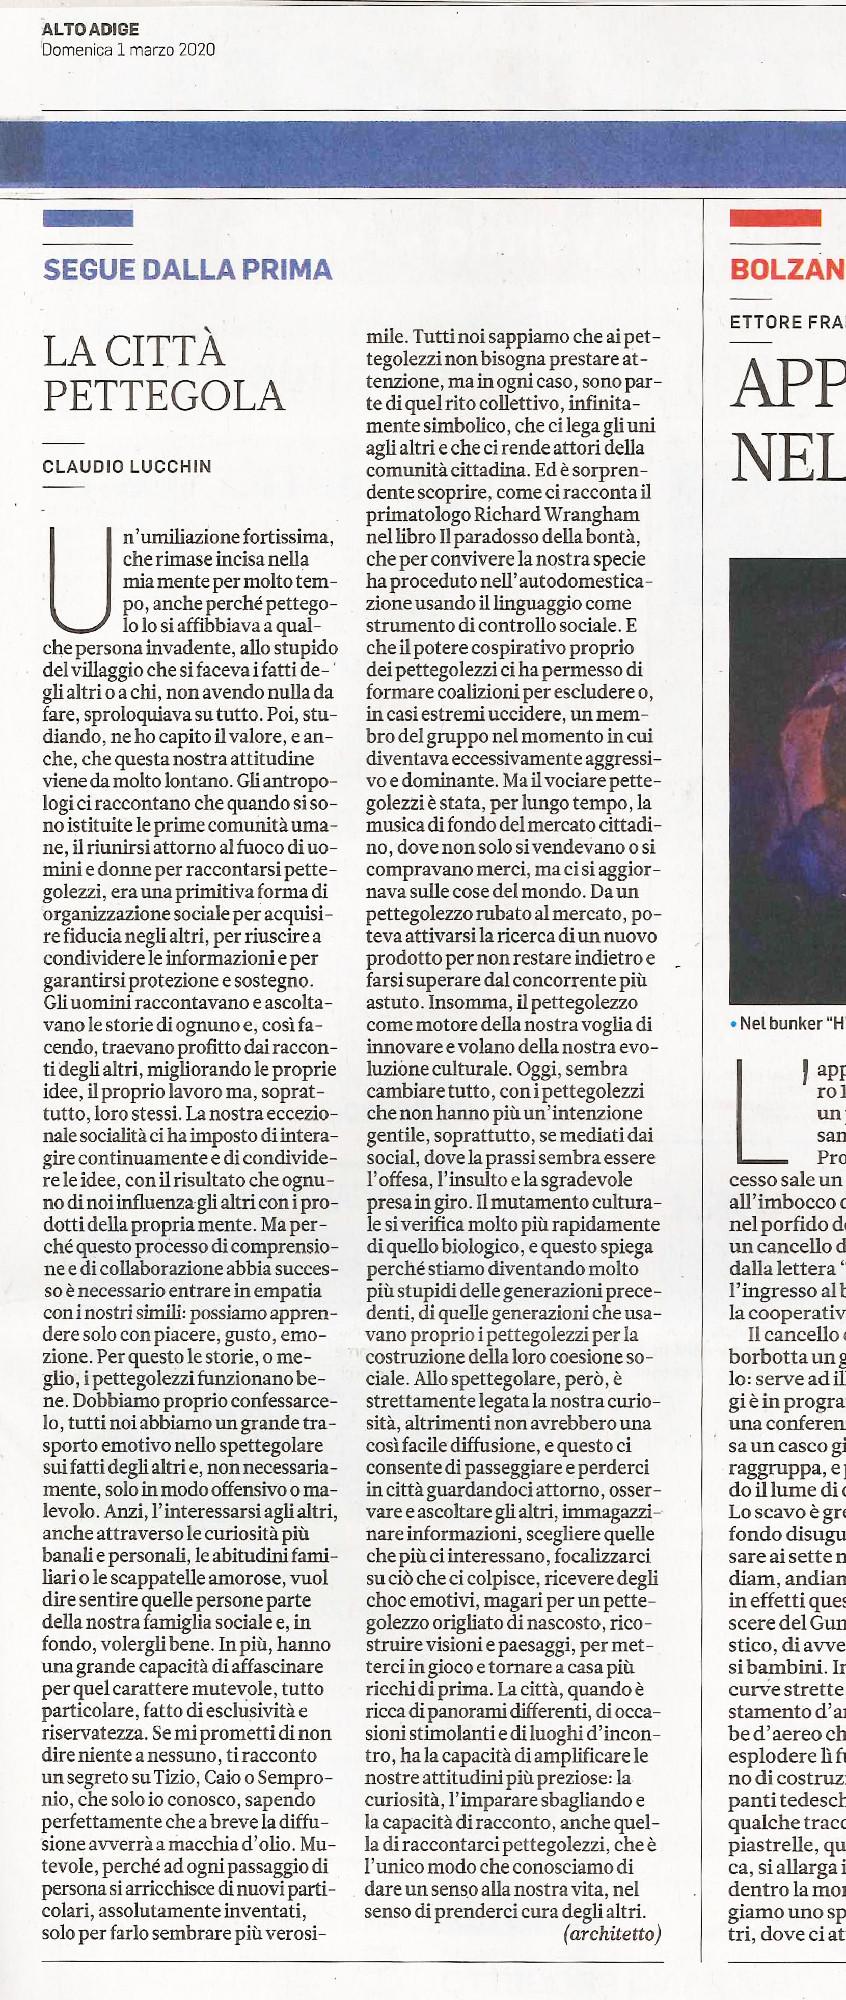 Alto Adige 01.03.2020